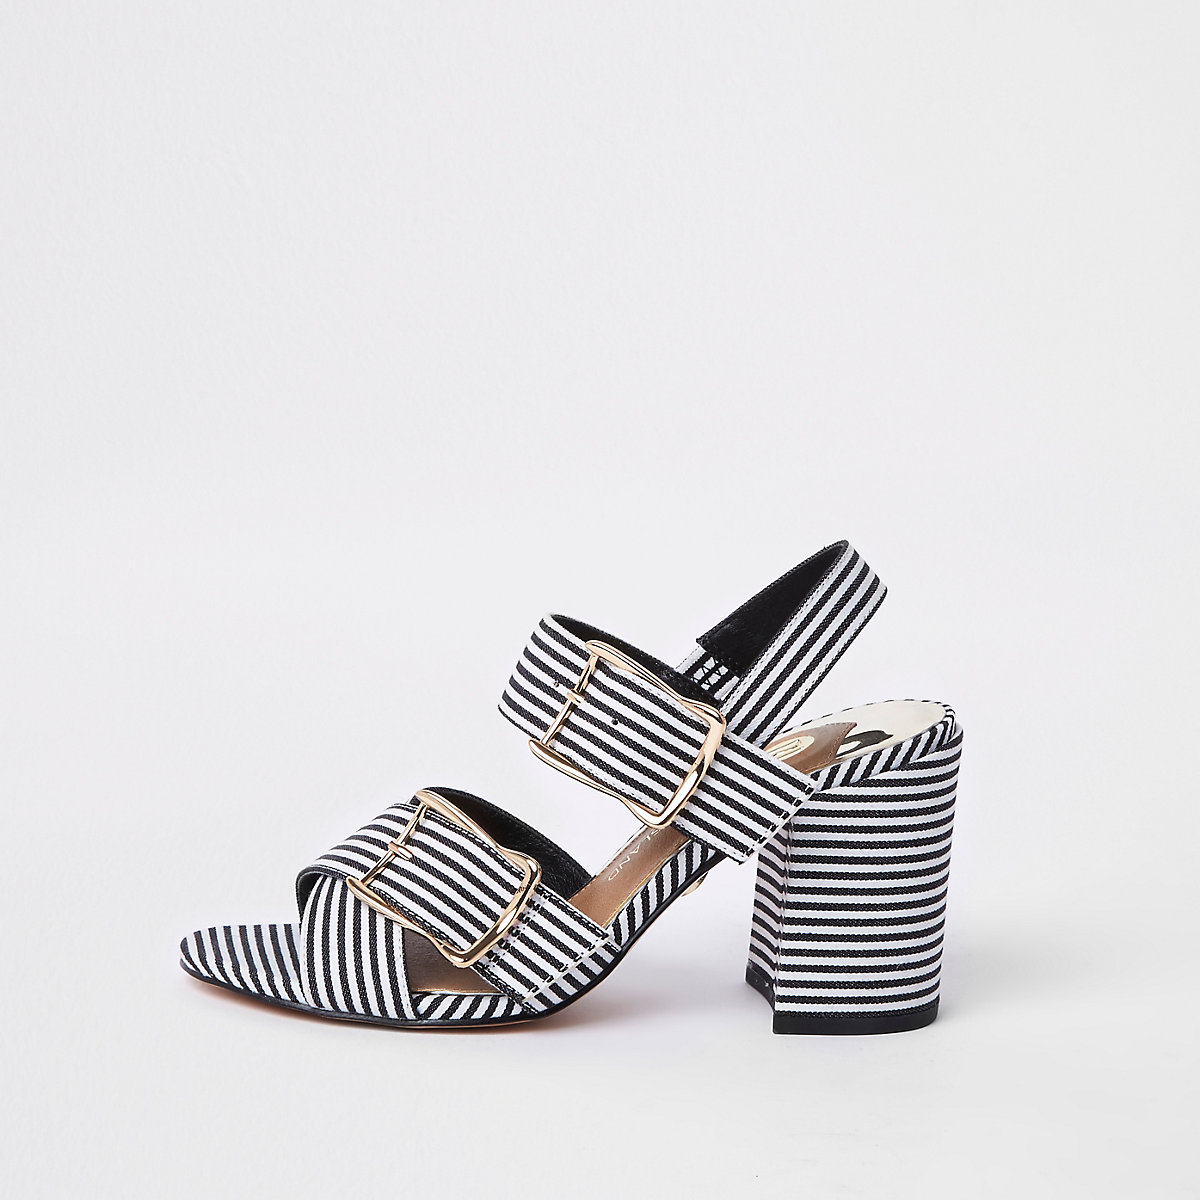 Zwarte gestreepte tweedelige sandalen met blokhak